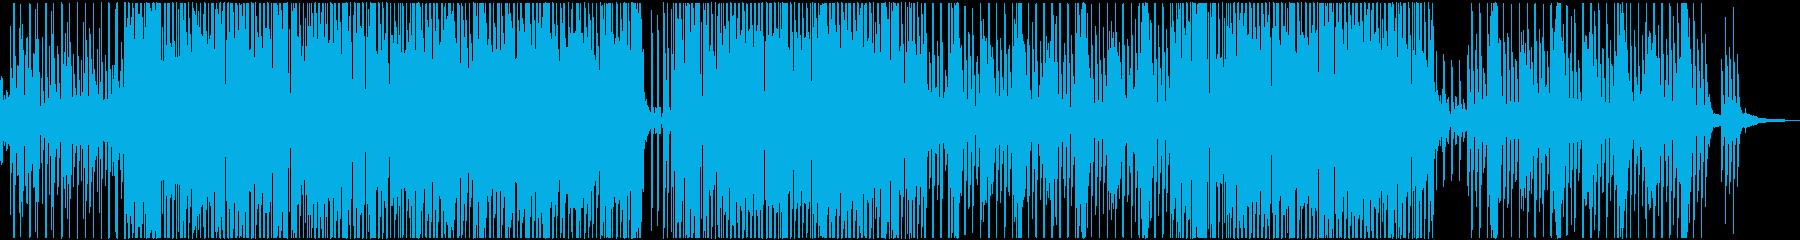 ティーン 代替案 ポップ 民謡 ア...の再生済みの波形